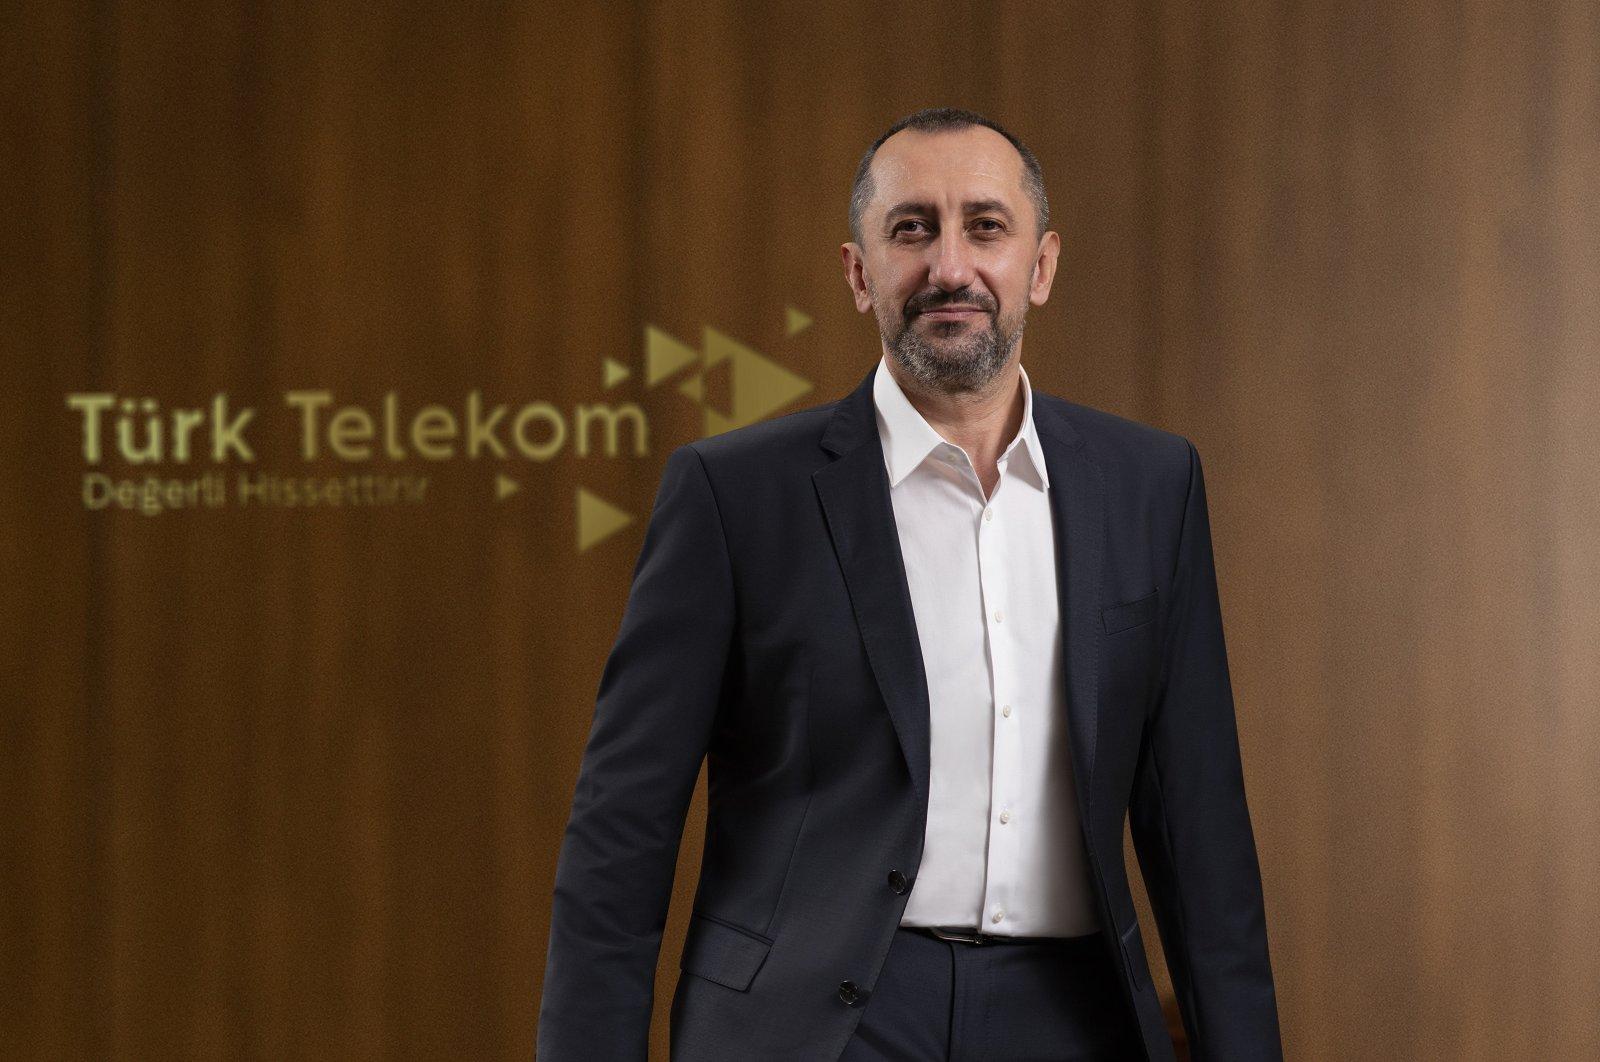 Türk Telekom CEO Ümit Önal is pictured in this photo provided on Jan. 13, 2021. (Courtesy of Türk Telekom)